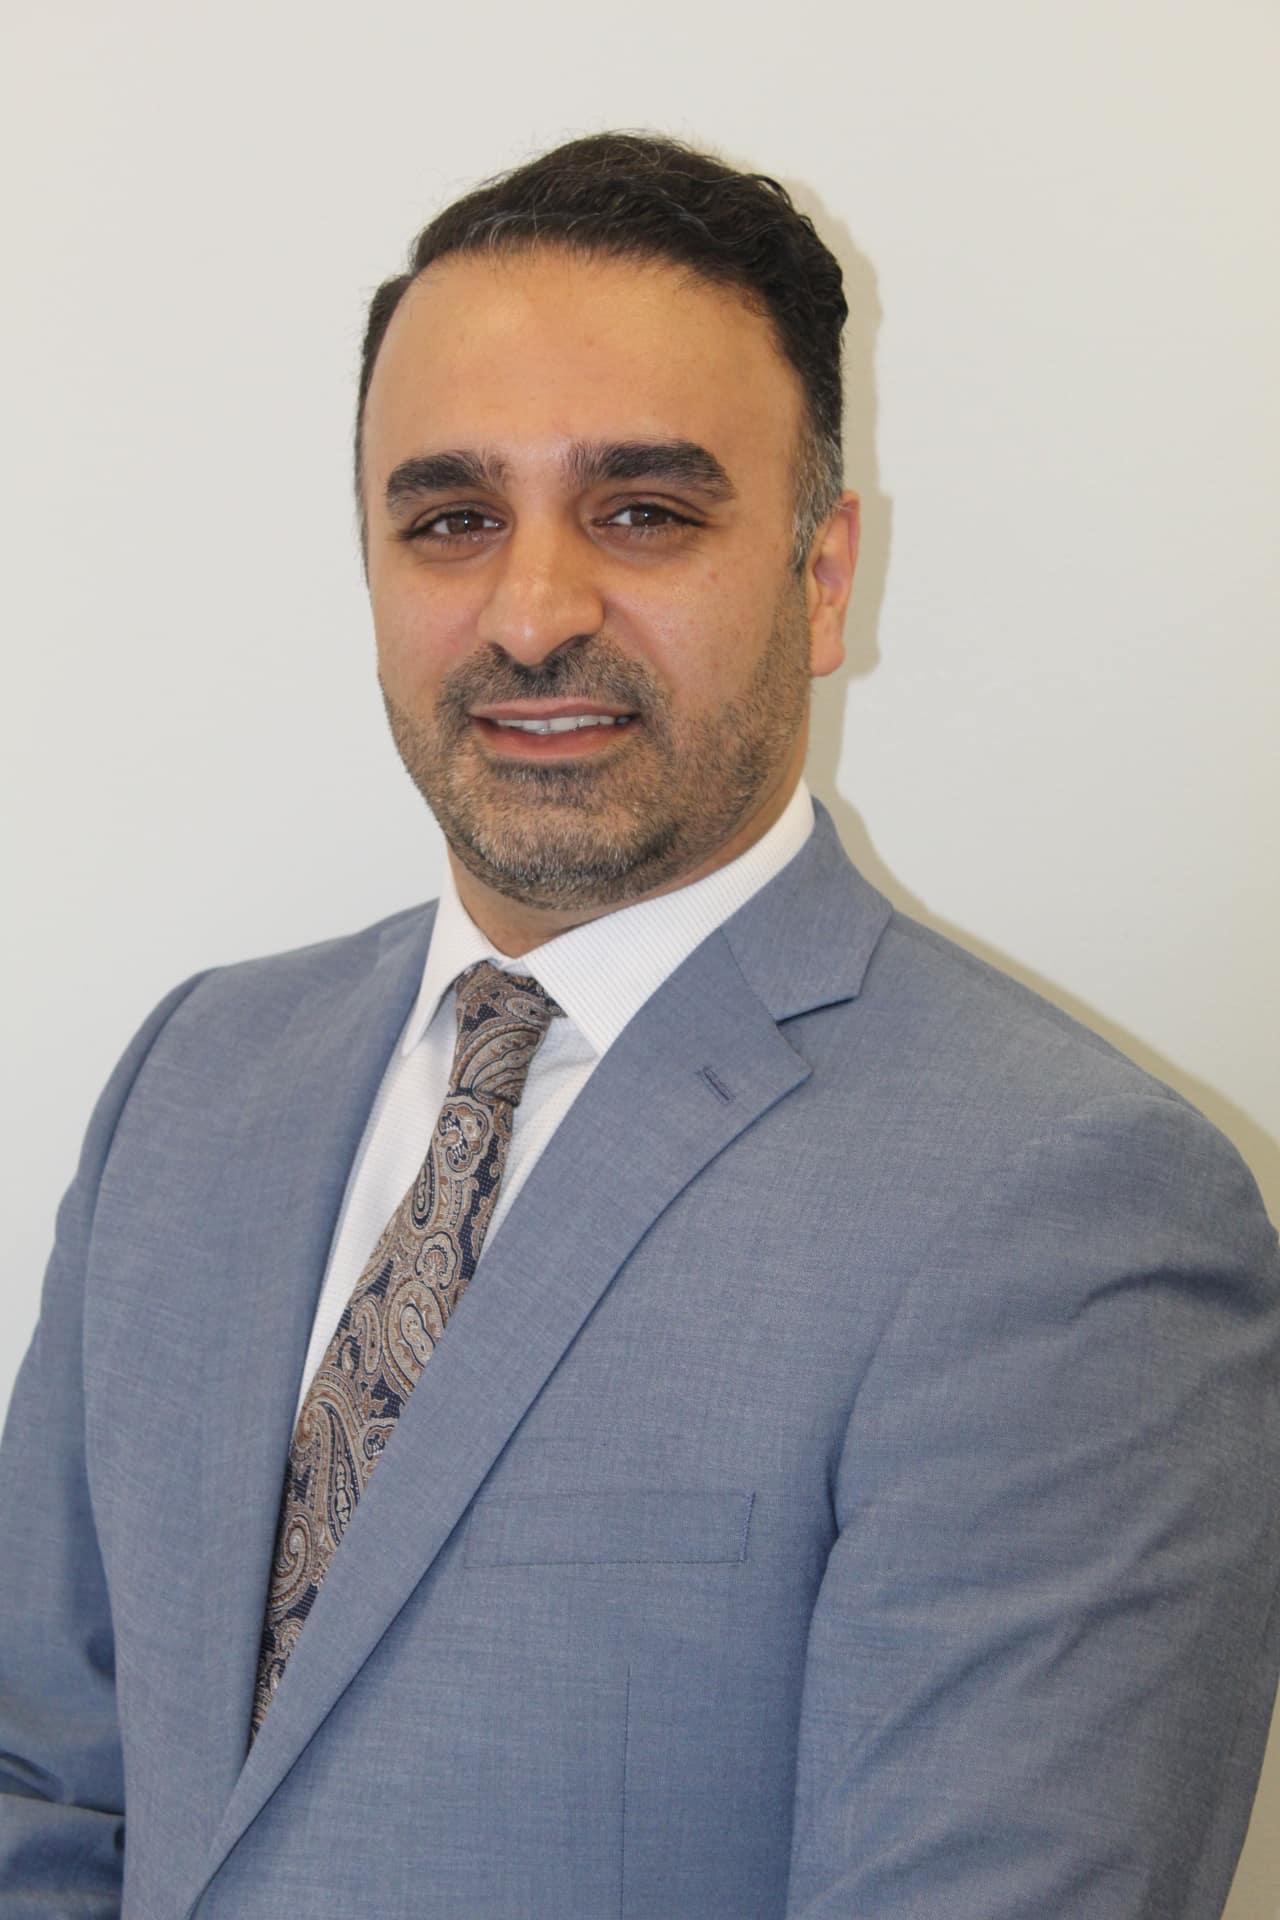 Farzad Mostofi